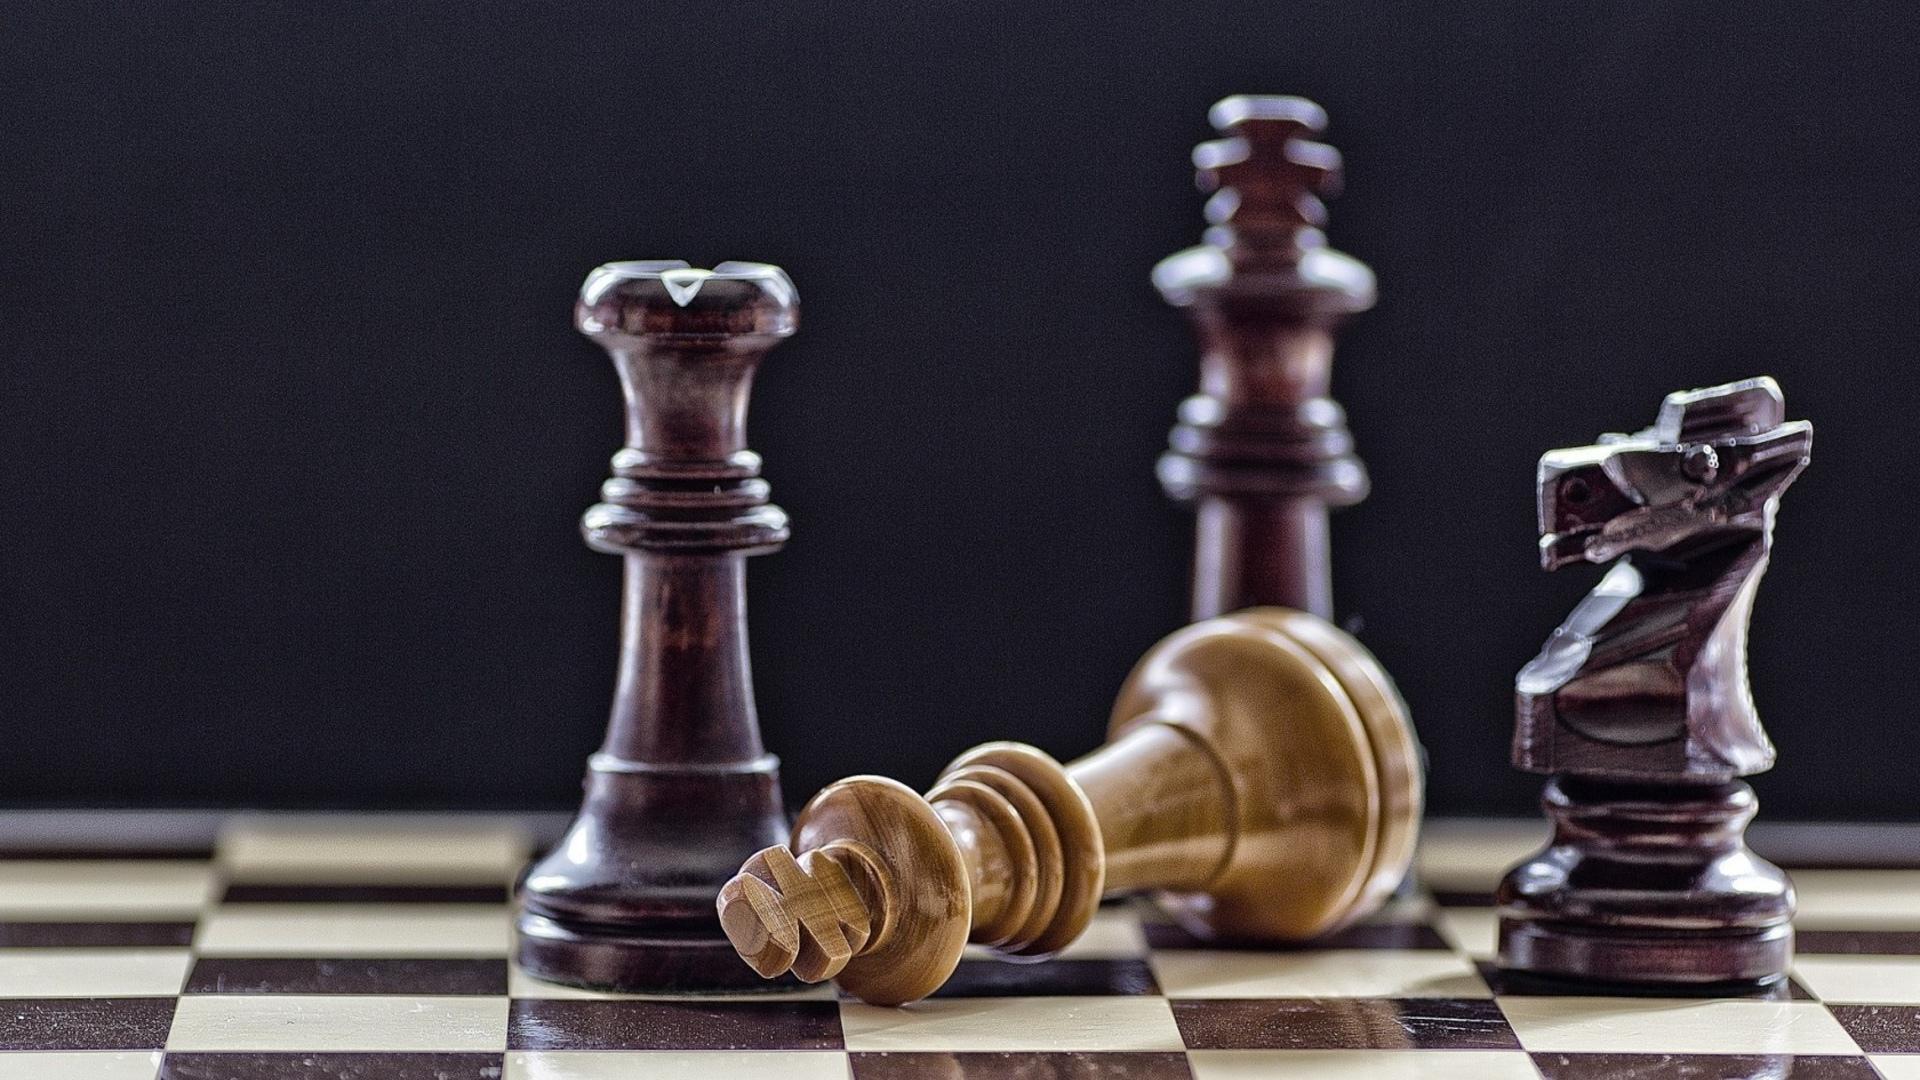 Chess Board Wallpaper 1920x1080 45368 Wallpaperup